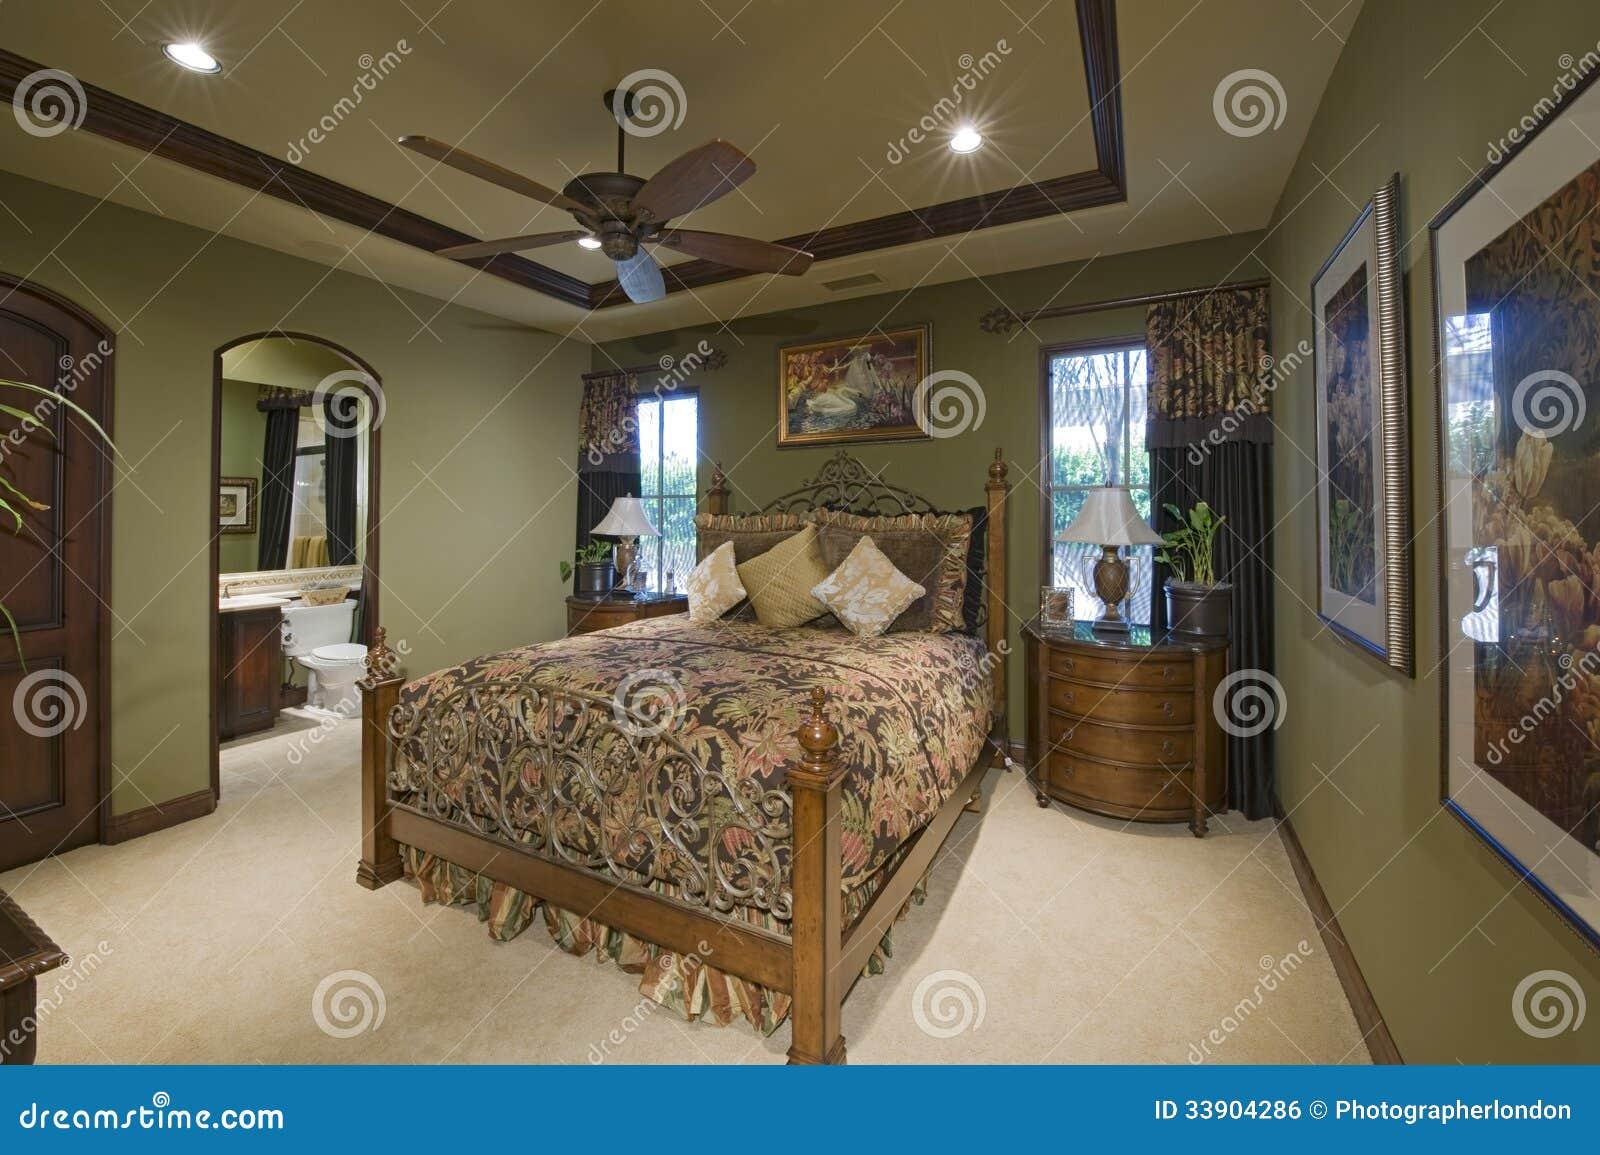 Bedroom Ceiling Fan – Fans for Bedroom